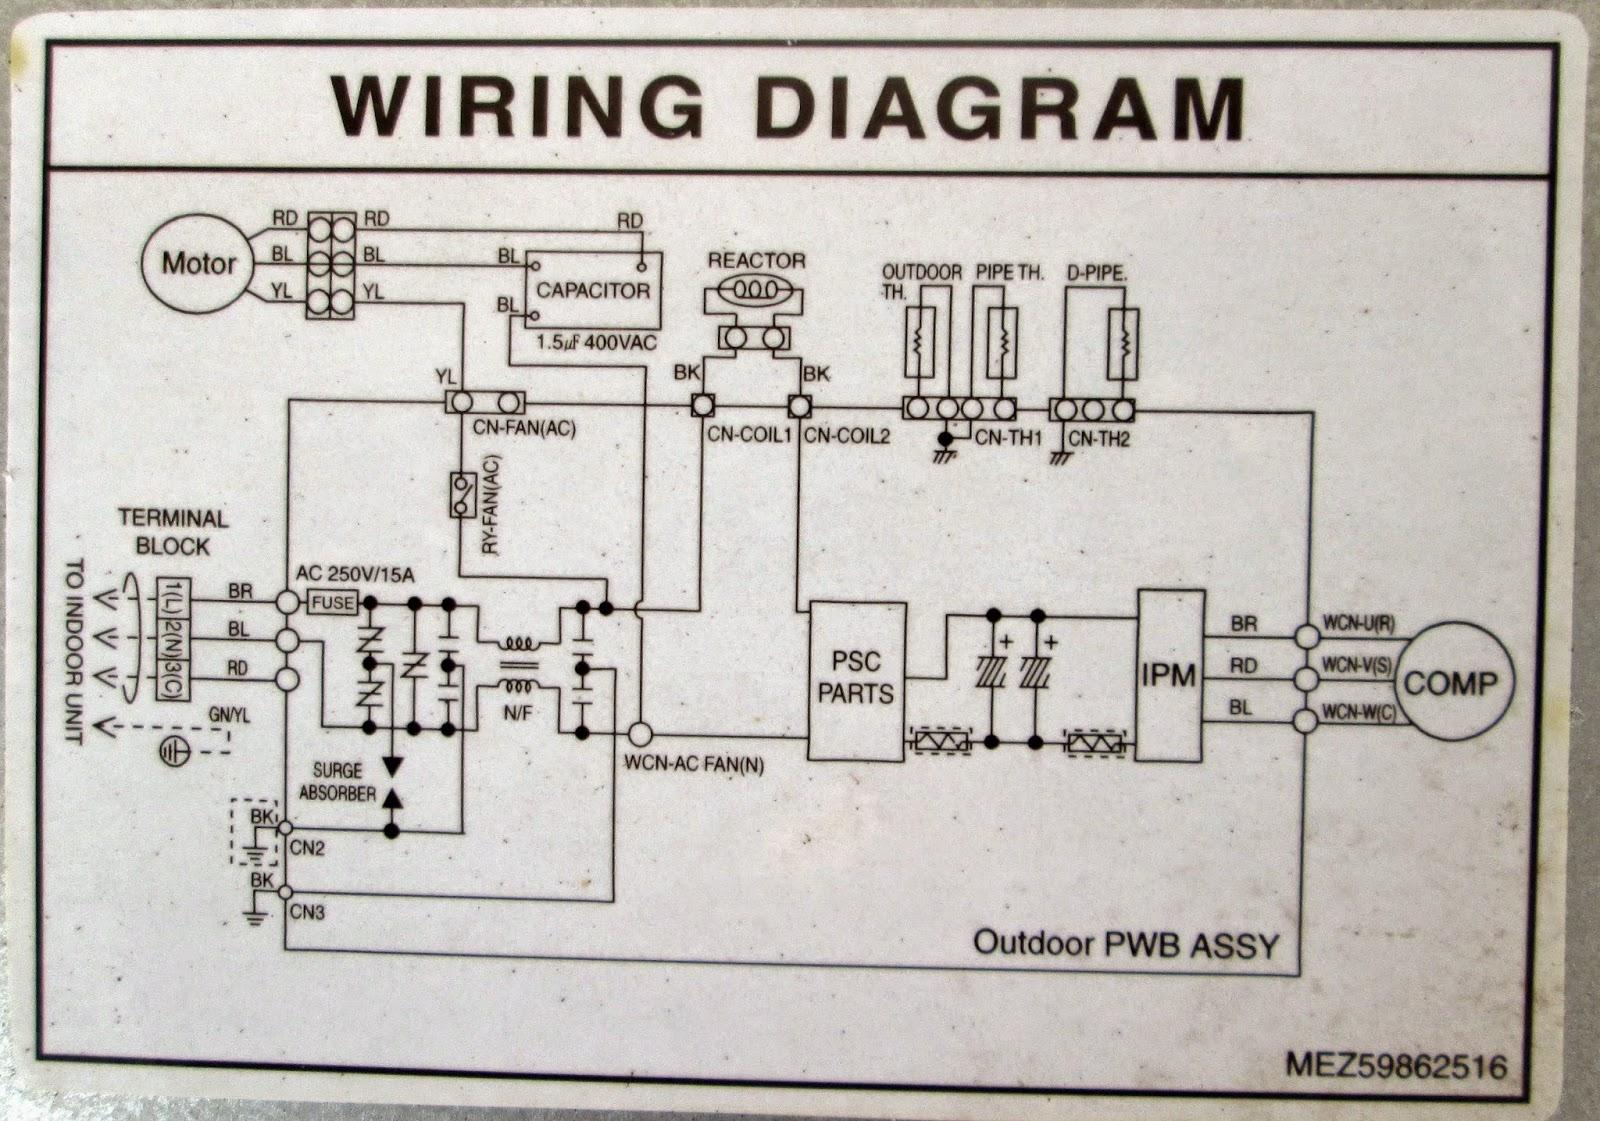 lg mini split wiring diagram xx 6858  lg mini split wiring diagram schematic wiring  lg mini split wiring diagram schematic